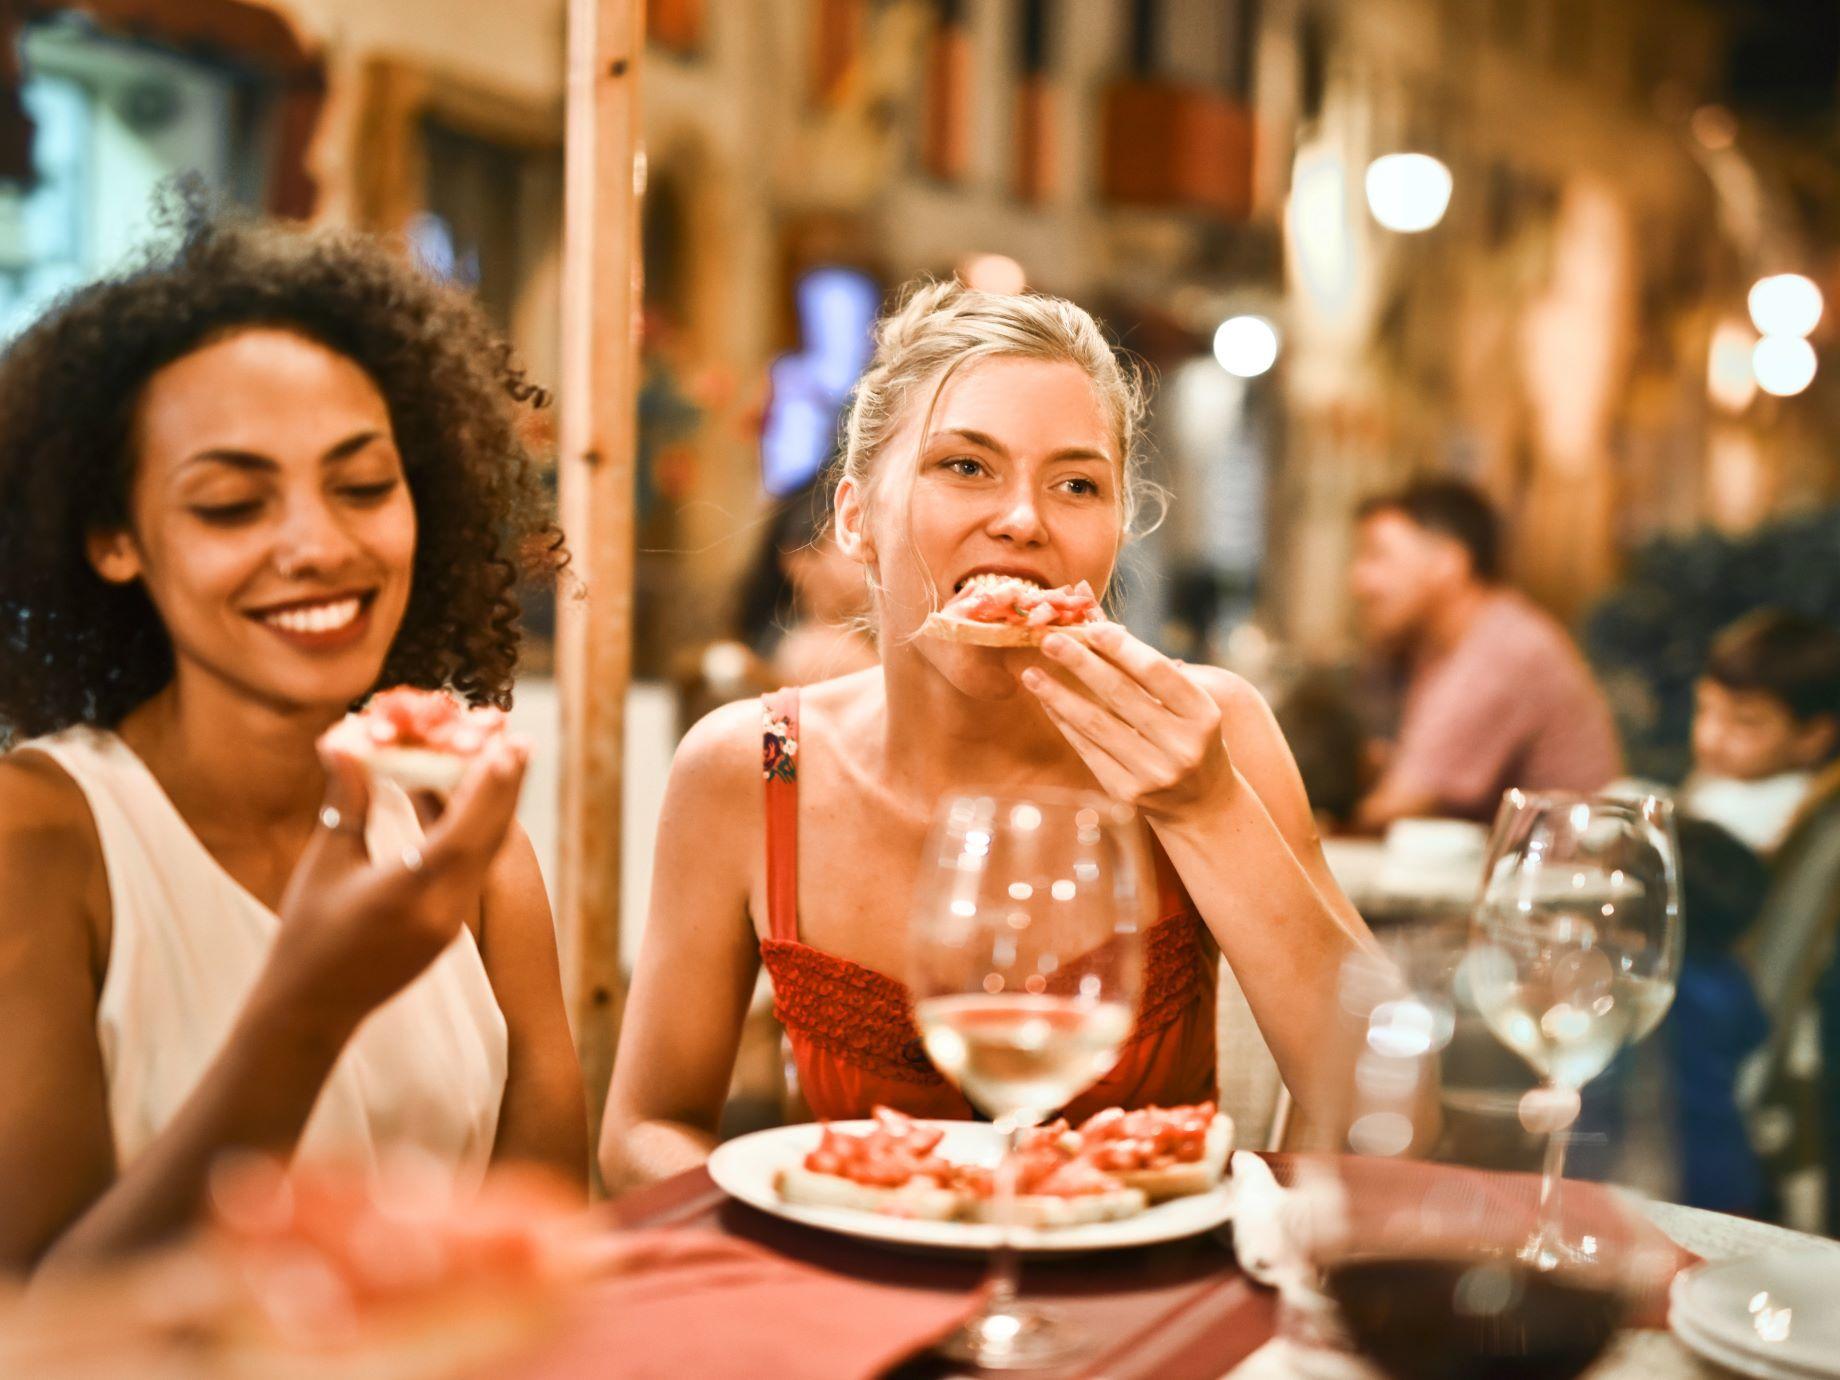 【上班族當心】下班後總是忍不住想大吃一頓?醫:吃這些宵夜,恐導致食道癌!